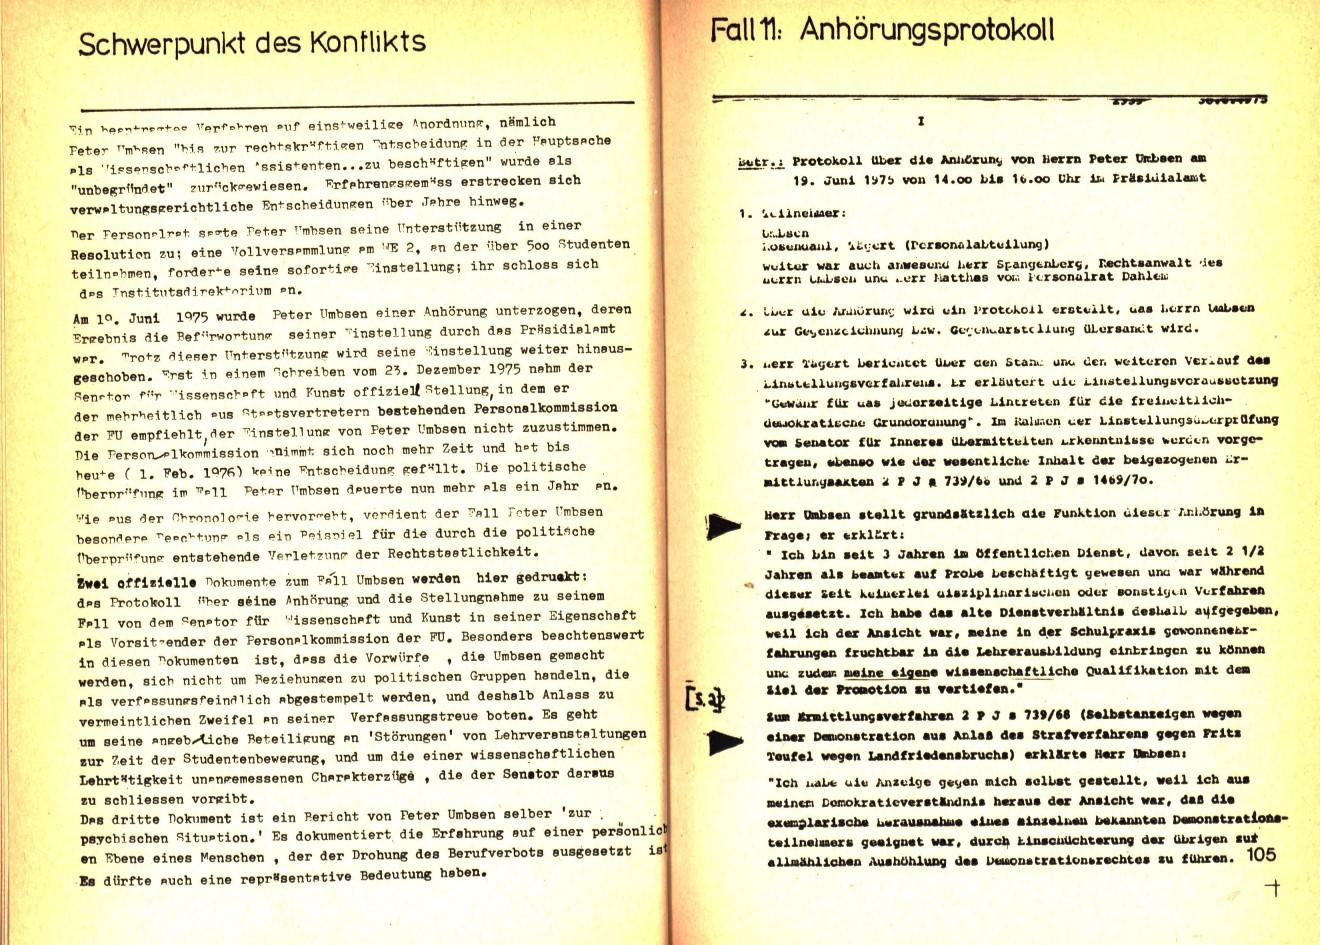 Berlin_VDS_Aktionskomitee_1976_BerufsverboteIII_54